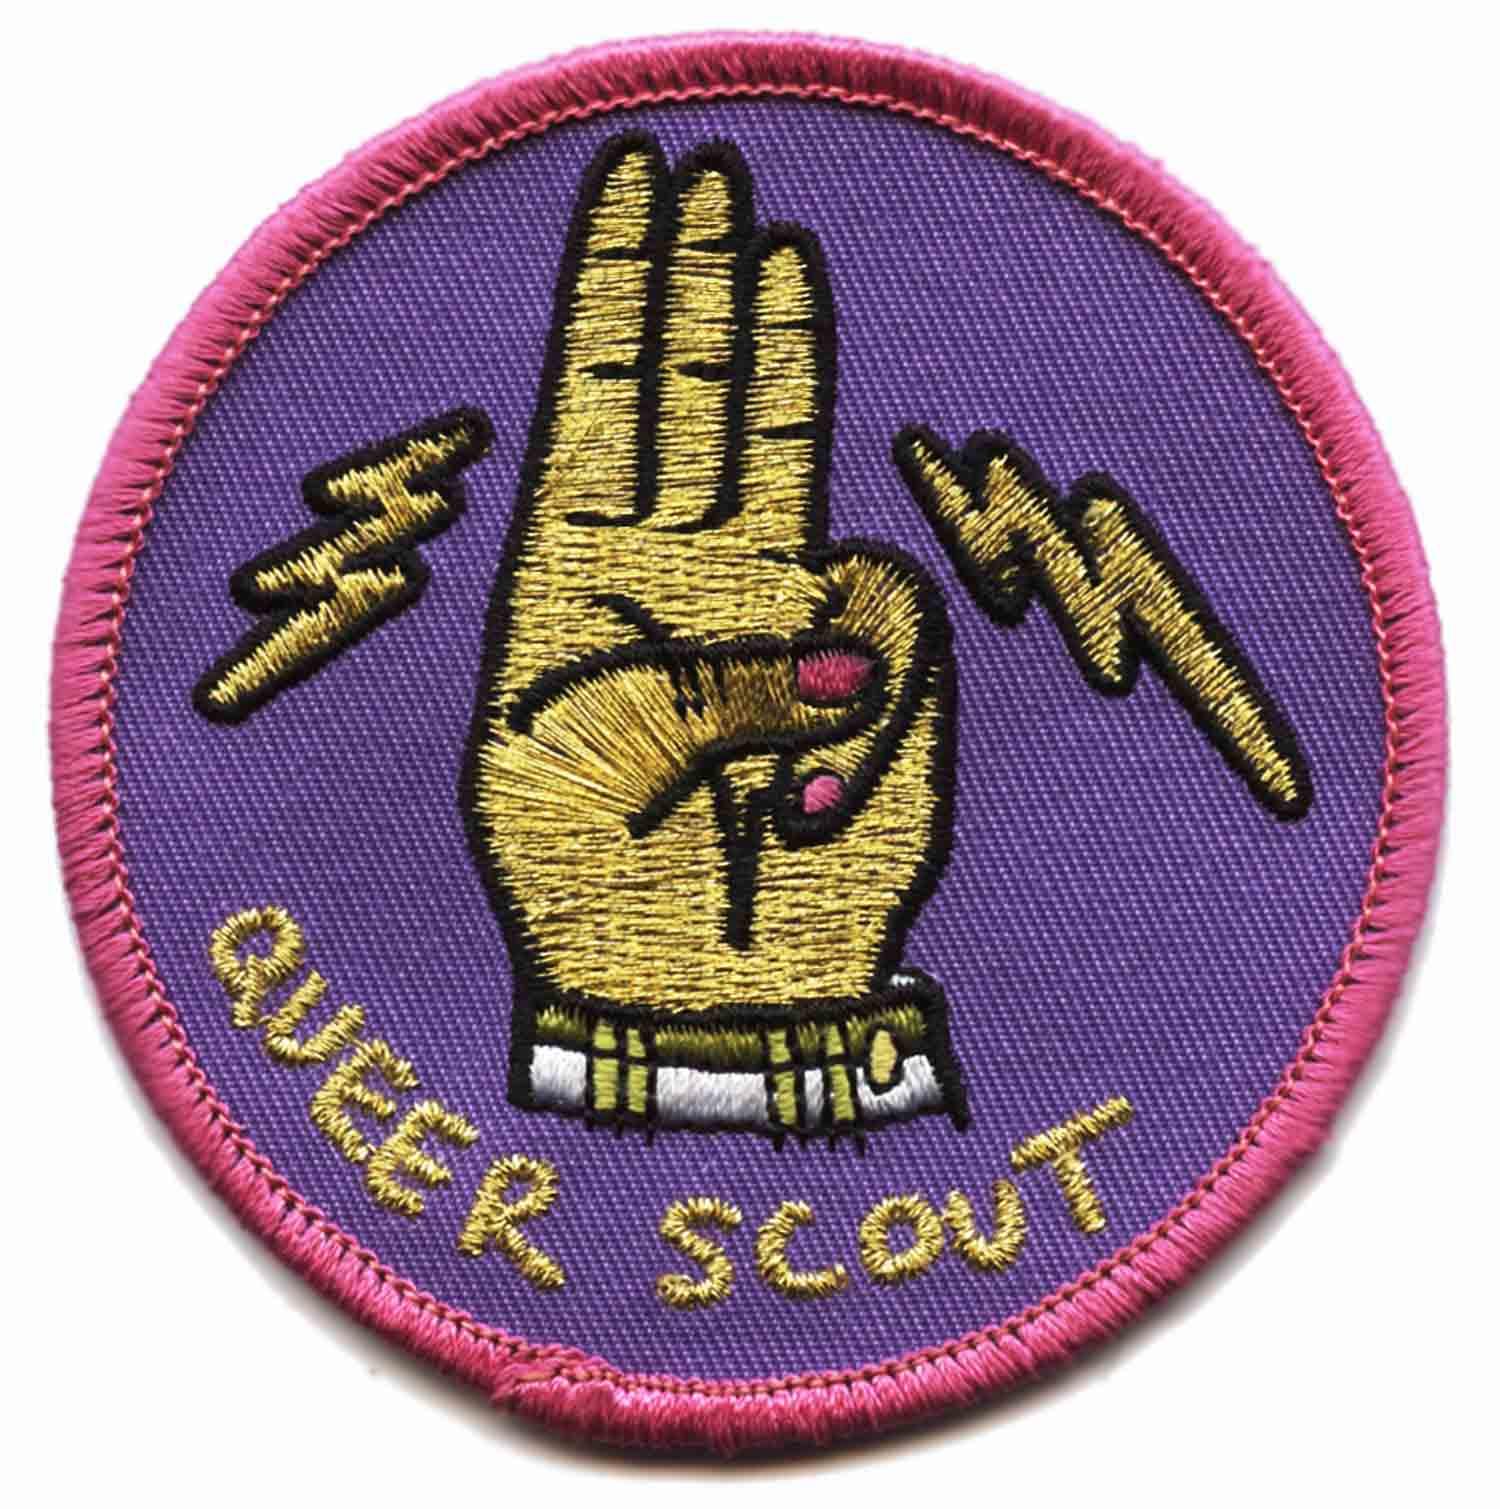 Scout rank - MeritBadgeDotOrg